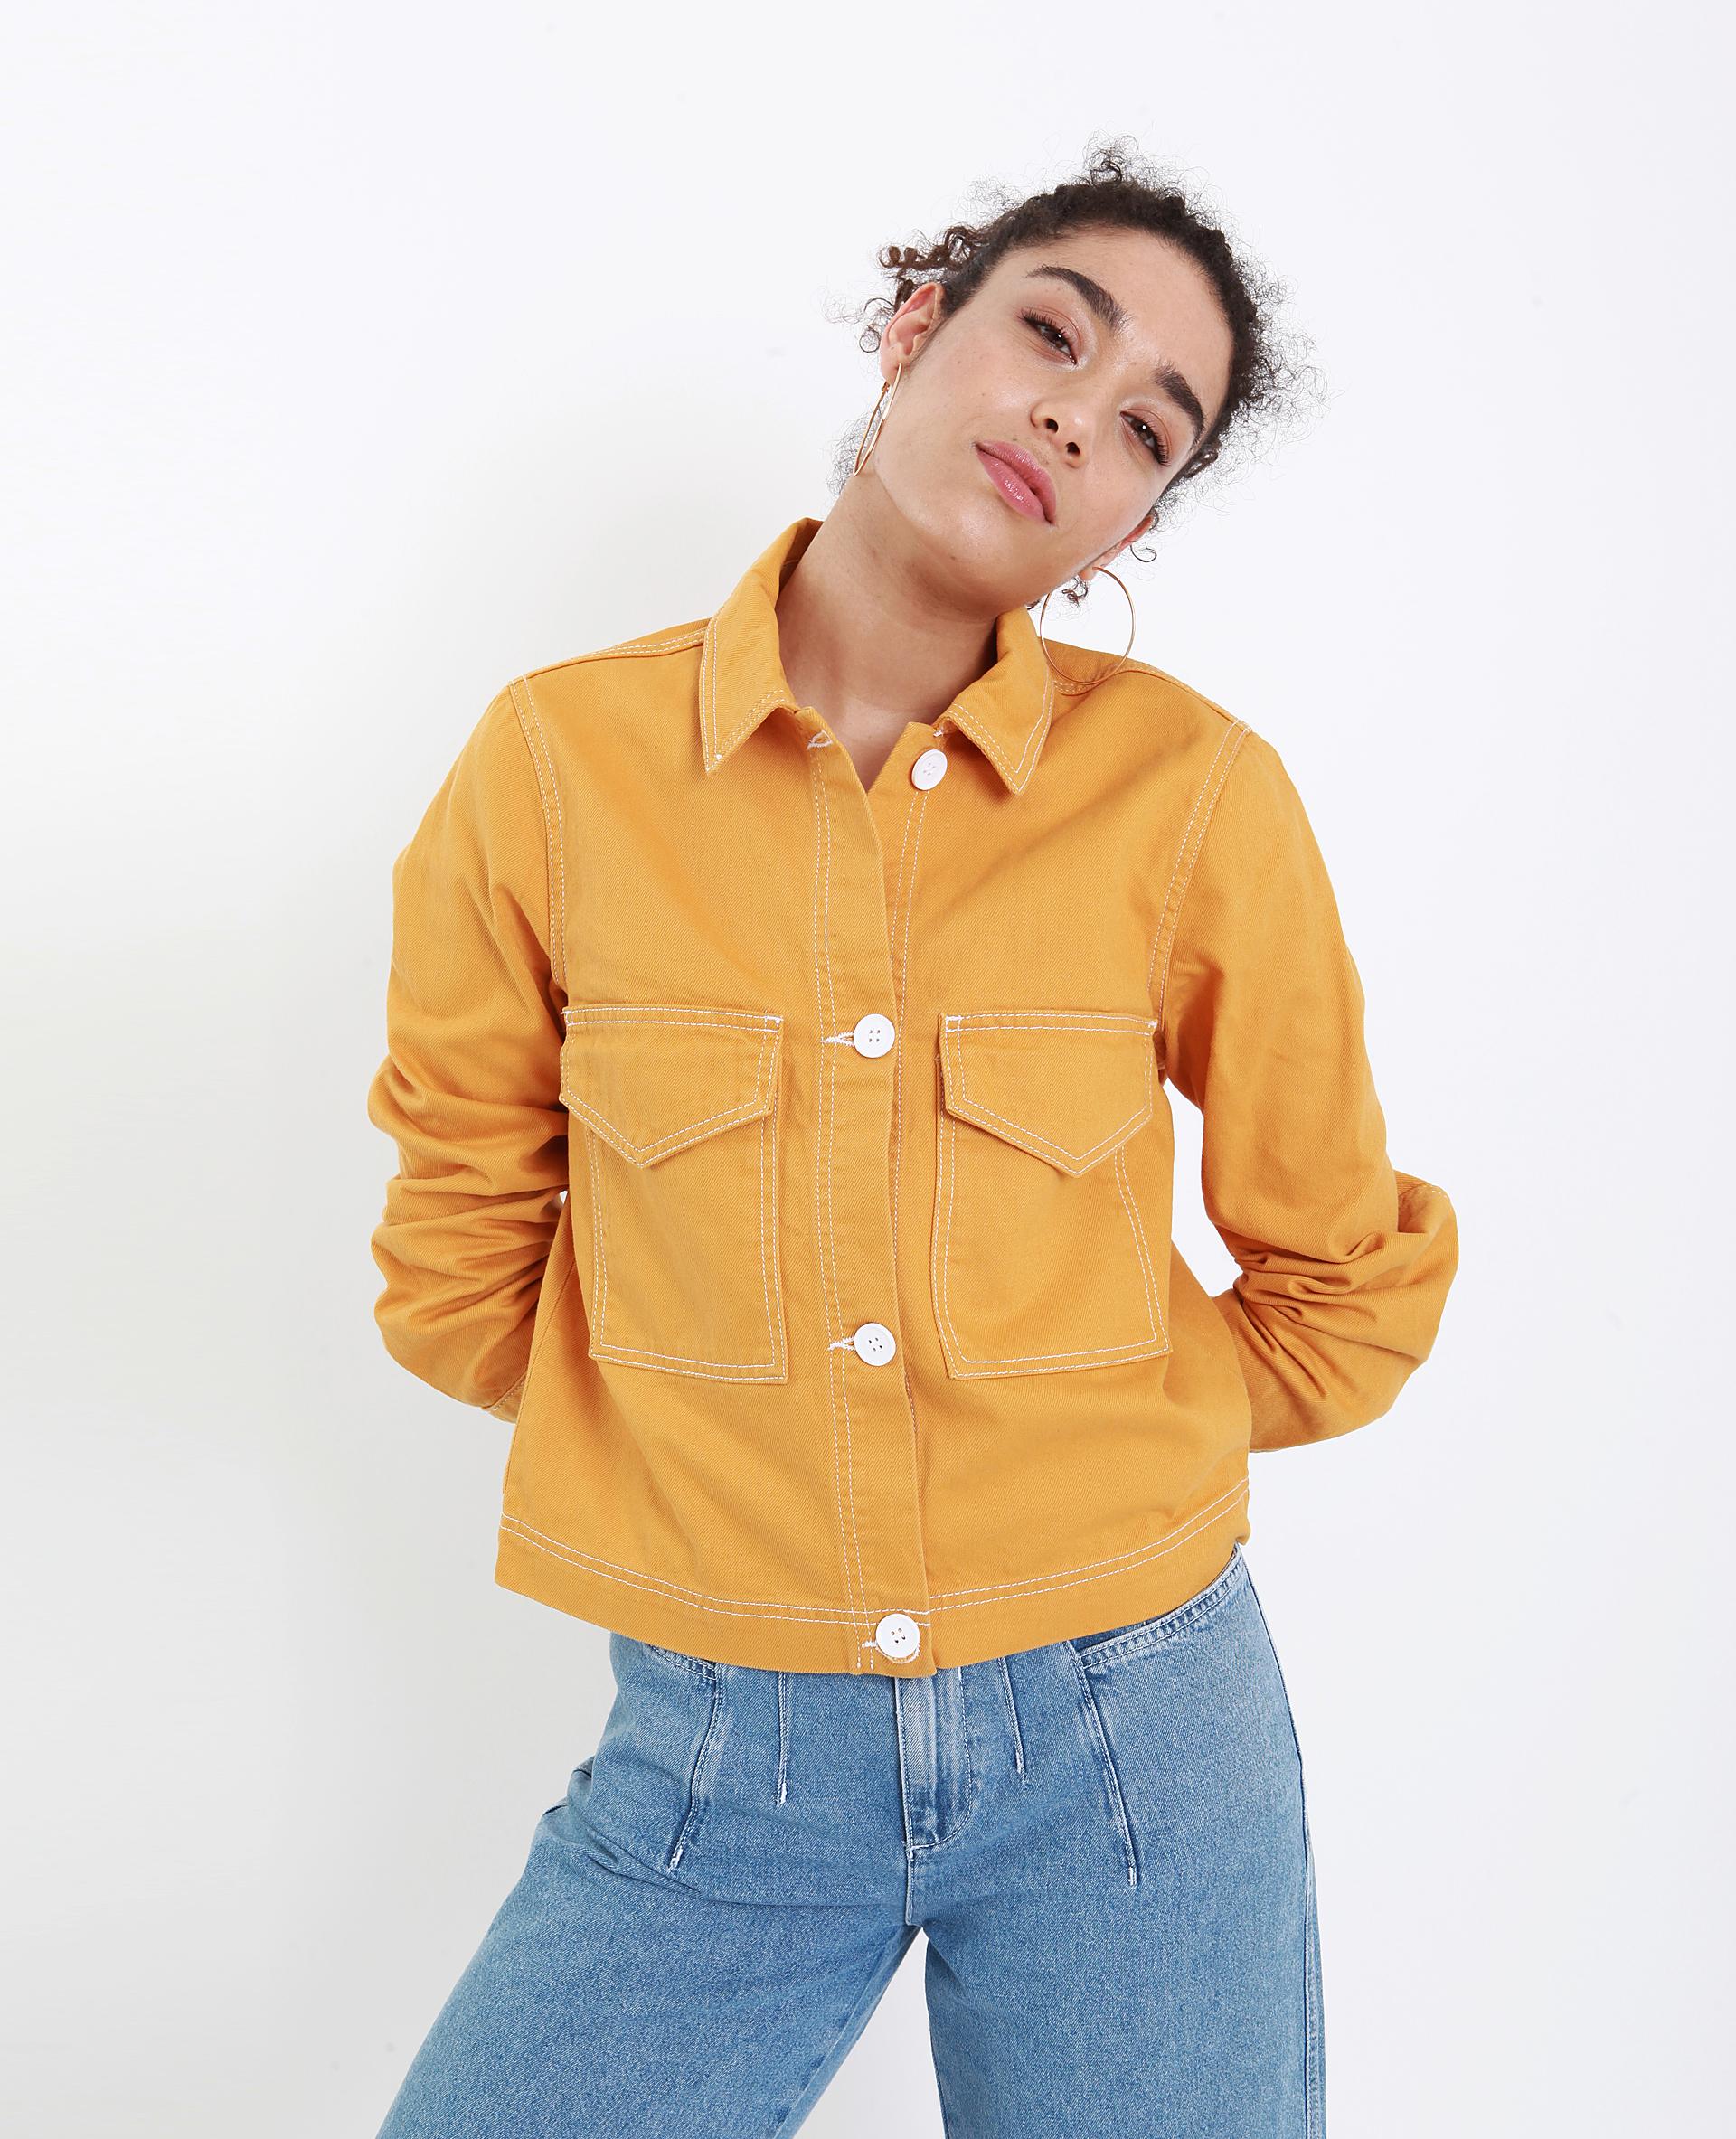 Veste droite jaune - Pimkie